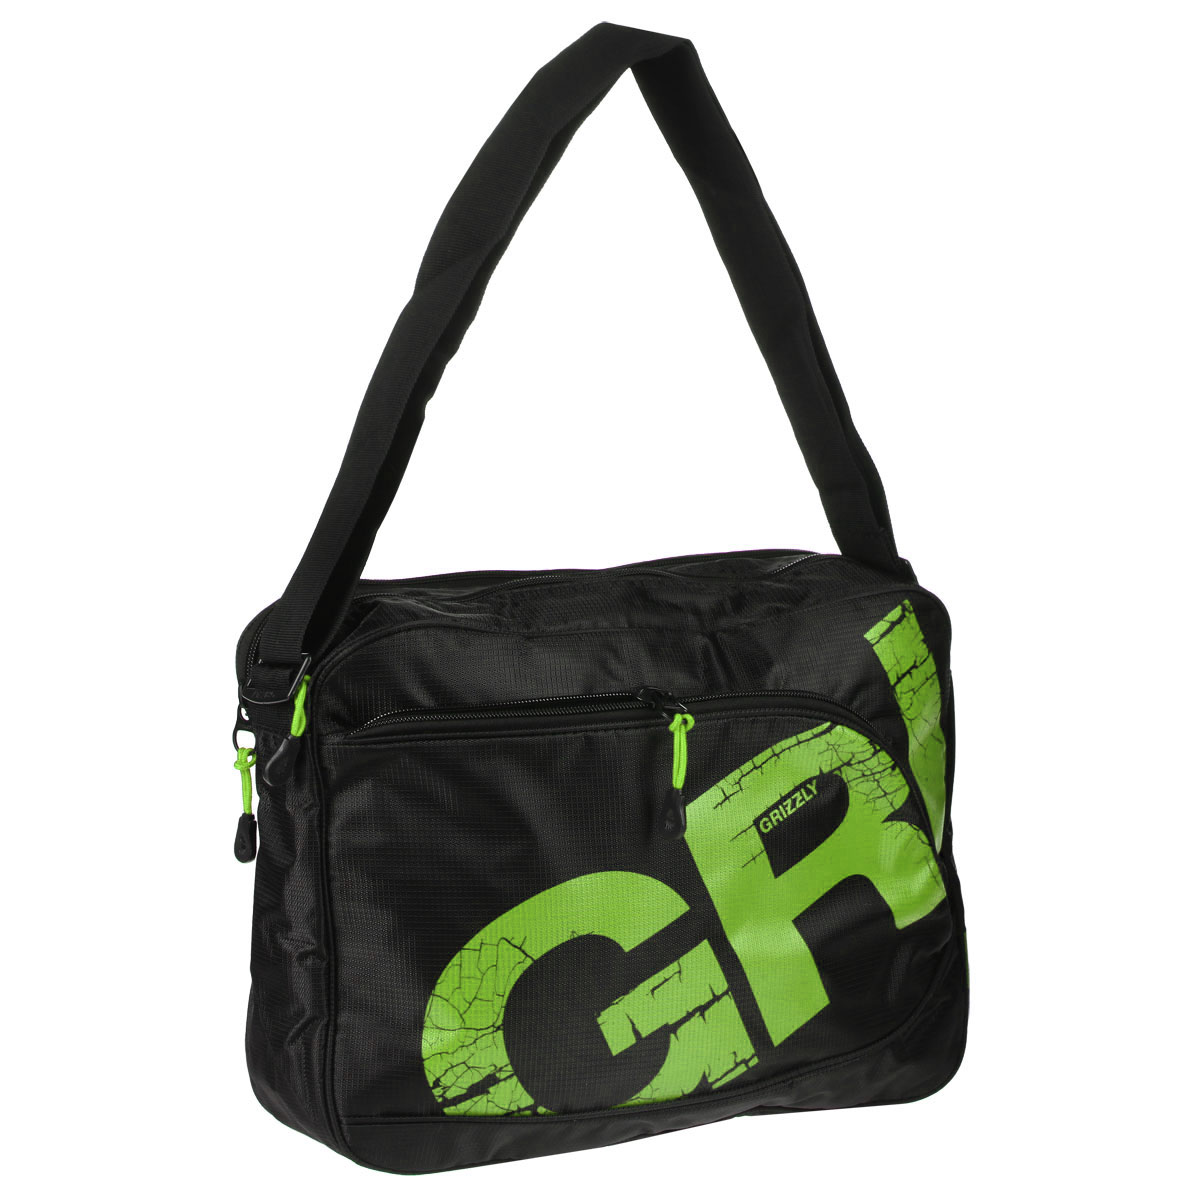 Молодежная сумка с двумя отделениями, застегивающимися на молнии. На сумке имеются множество карманов, на передней и задней стенках и внутри сумки. Имеется регулируемый ремень и ручка для переноски.